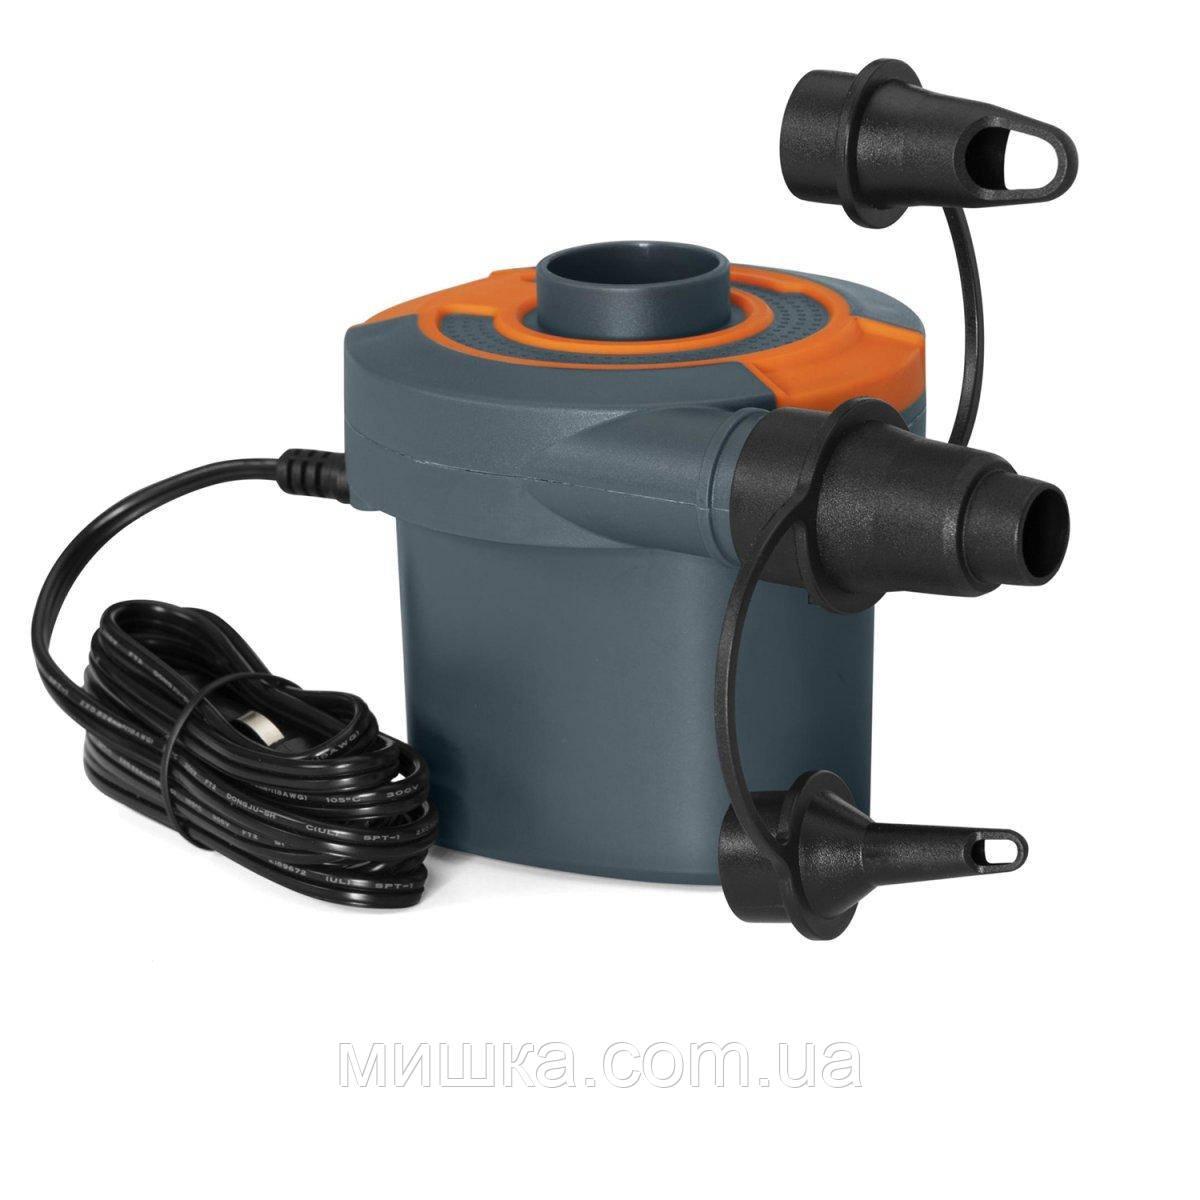 Електричний насос 62142 для надувних виробів, від прикурювача 12В і від мережі 220V, 490 л/хв